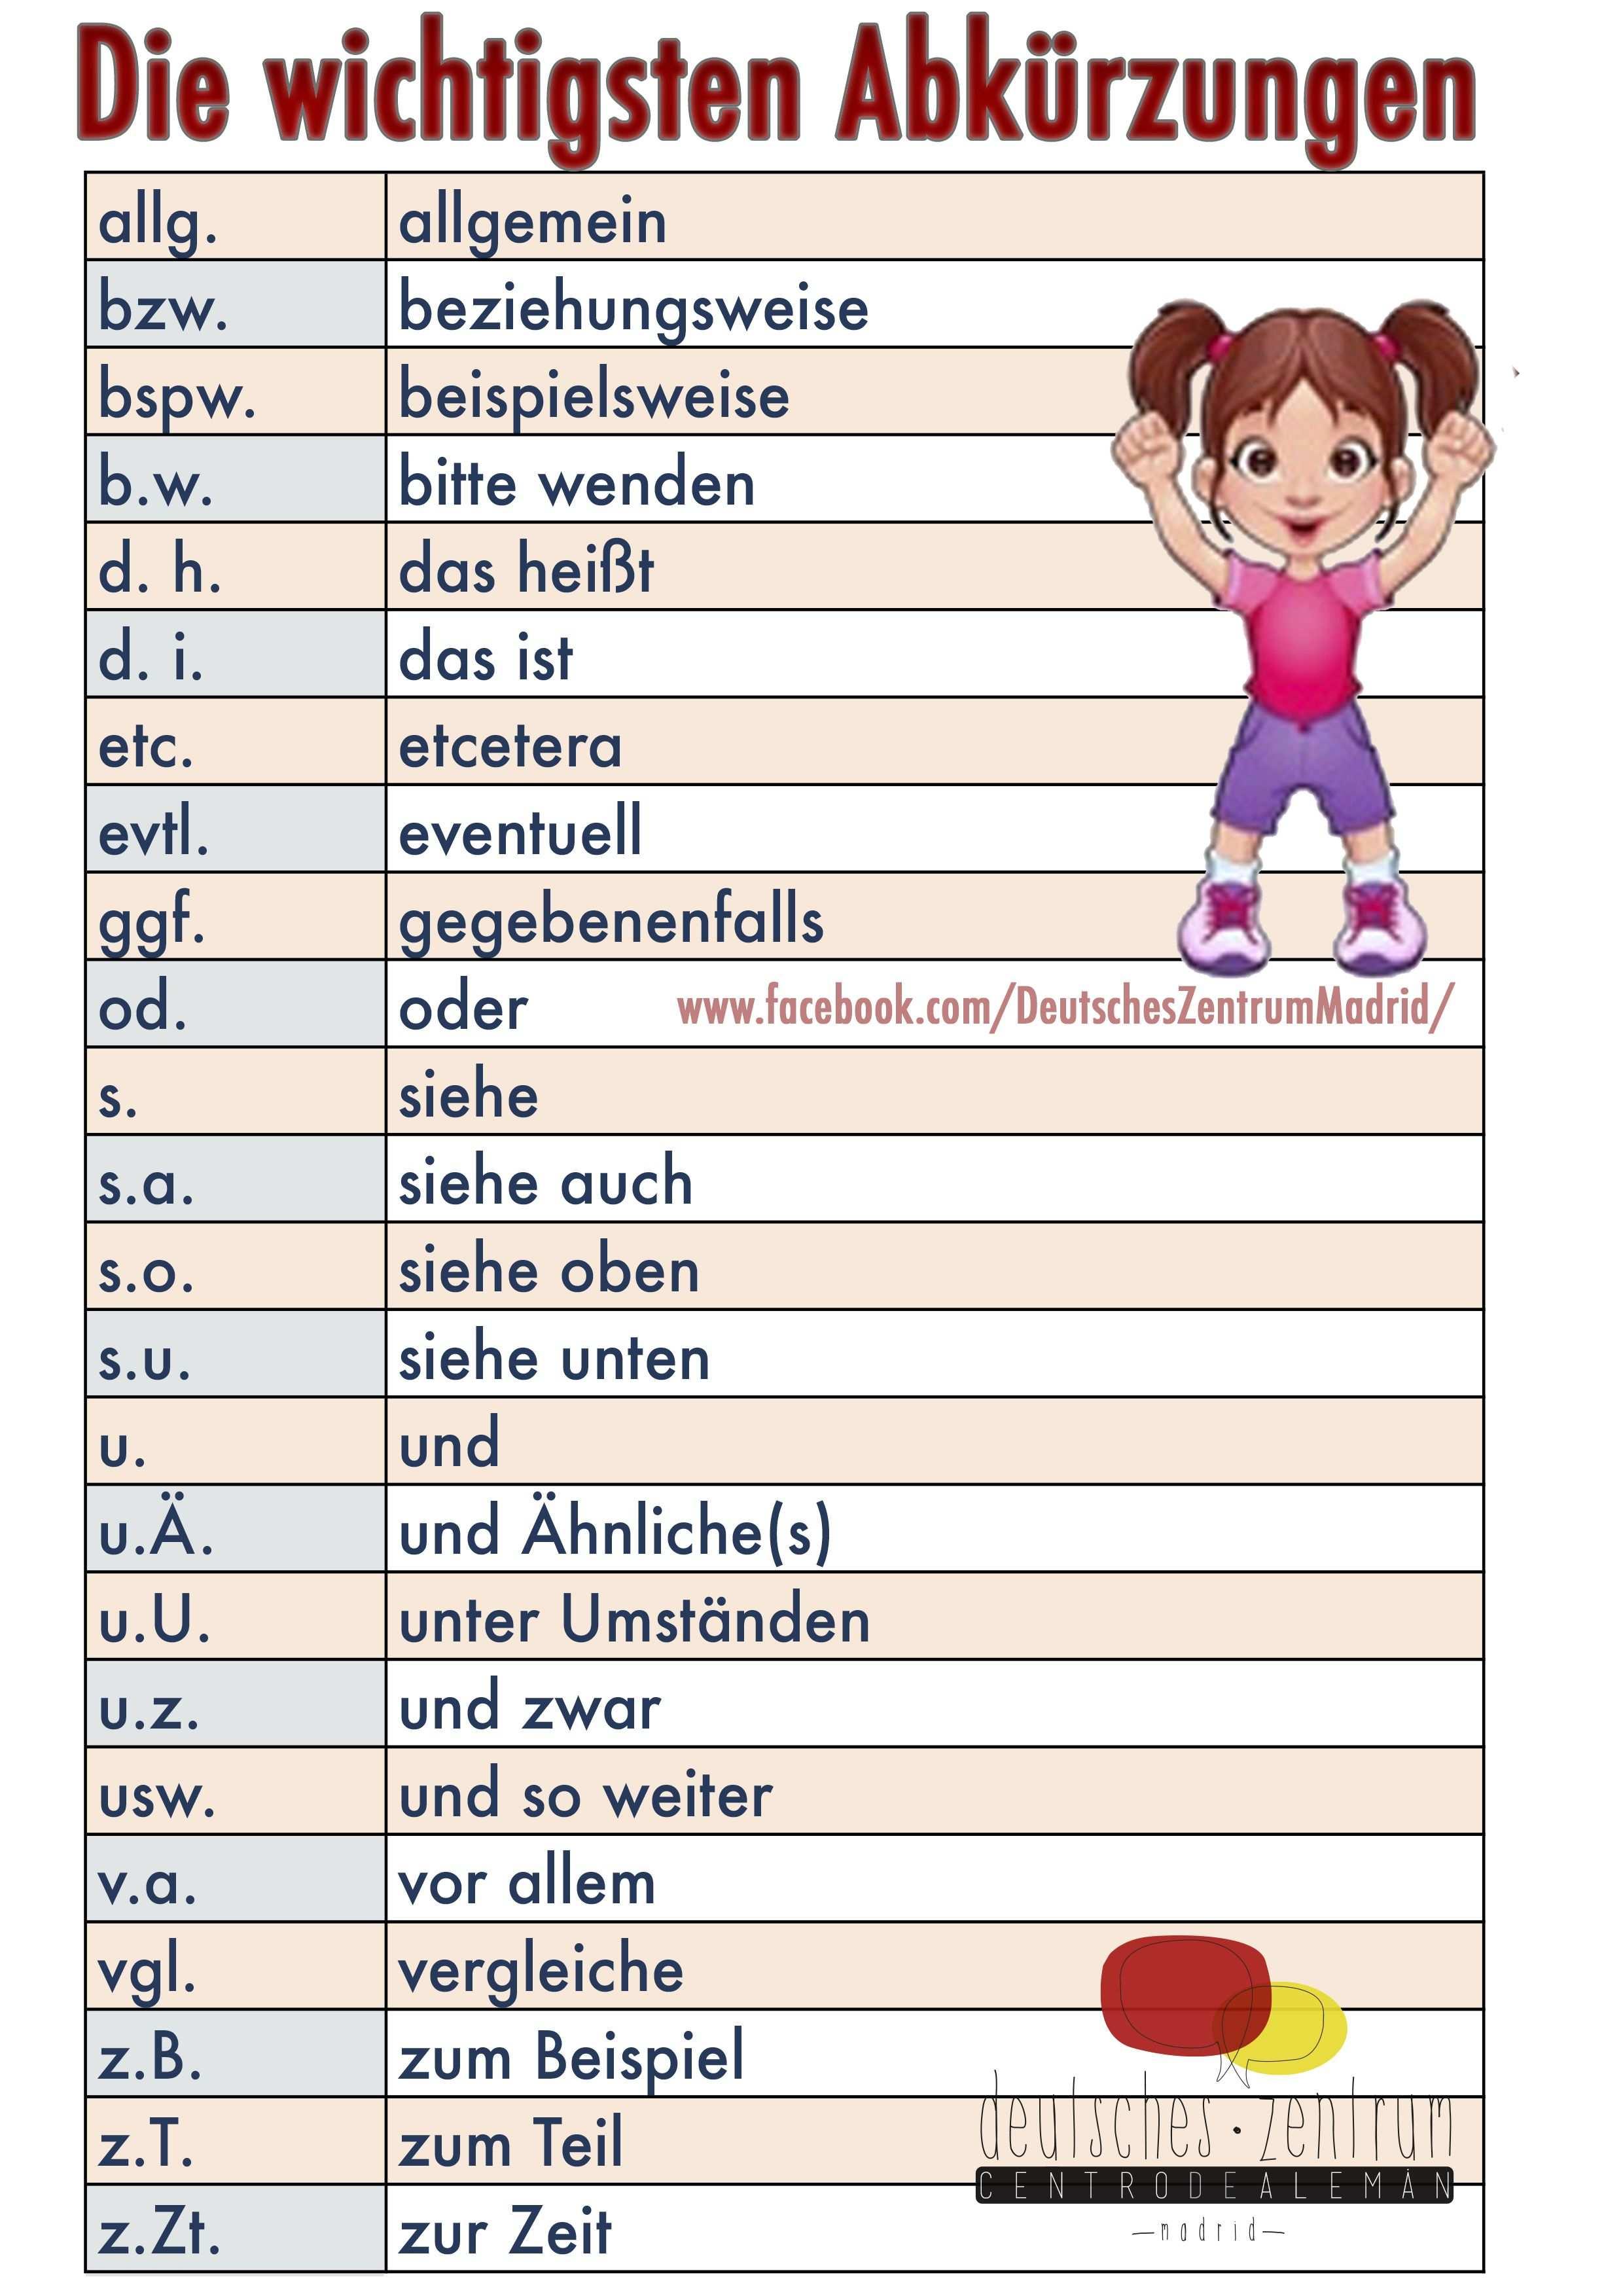 Abkurzungen Deutsch Wortschatz Grammatik German Aleman Daf Abreviaturas Deutsch Wortschatz Deutsch Lernen Grammatik